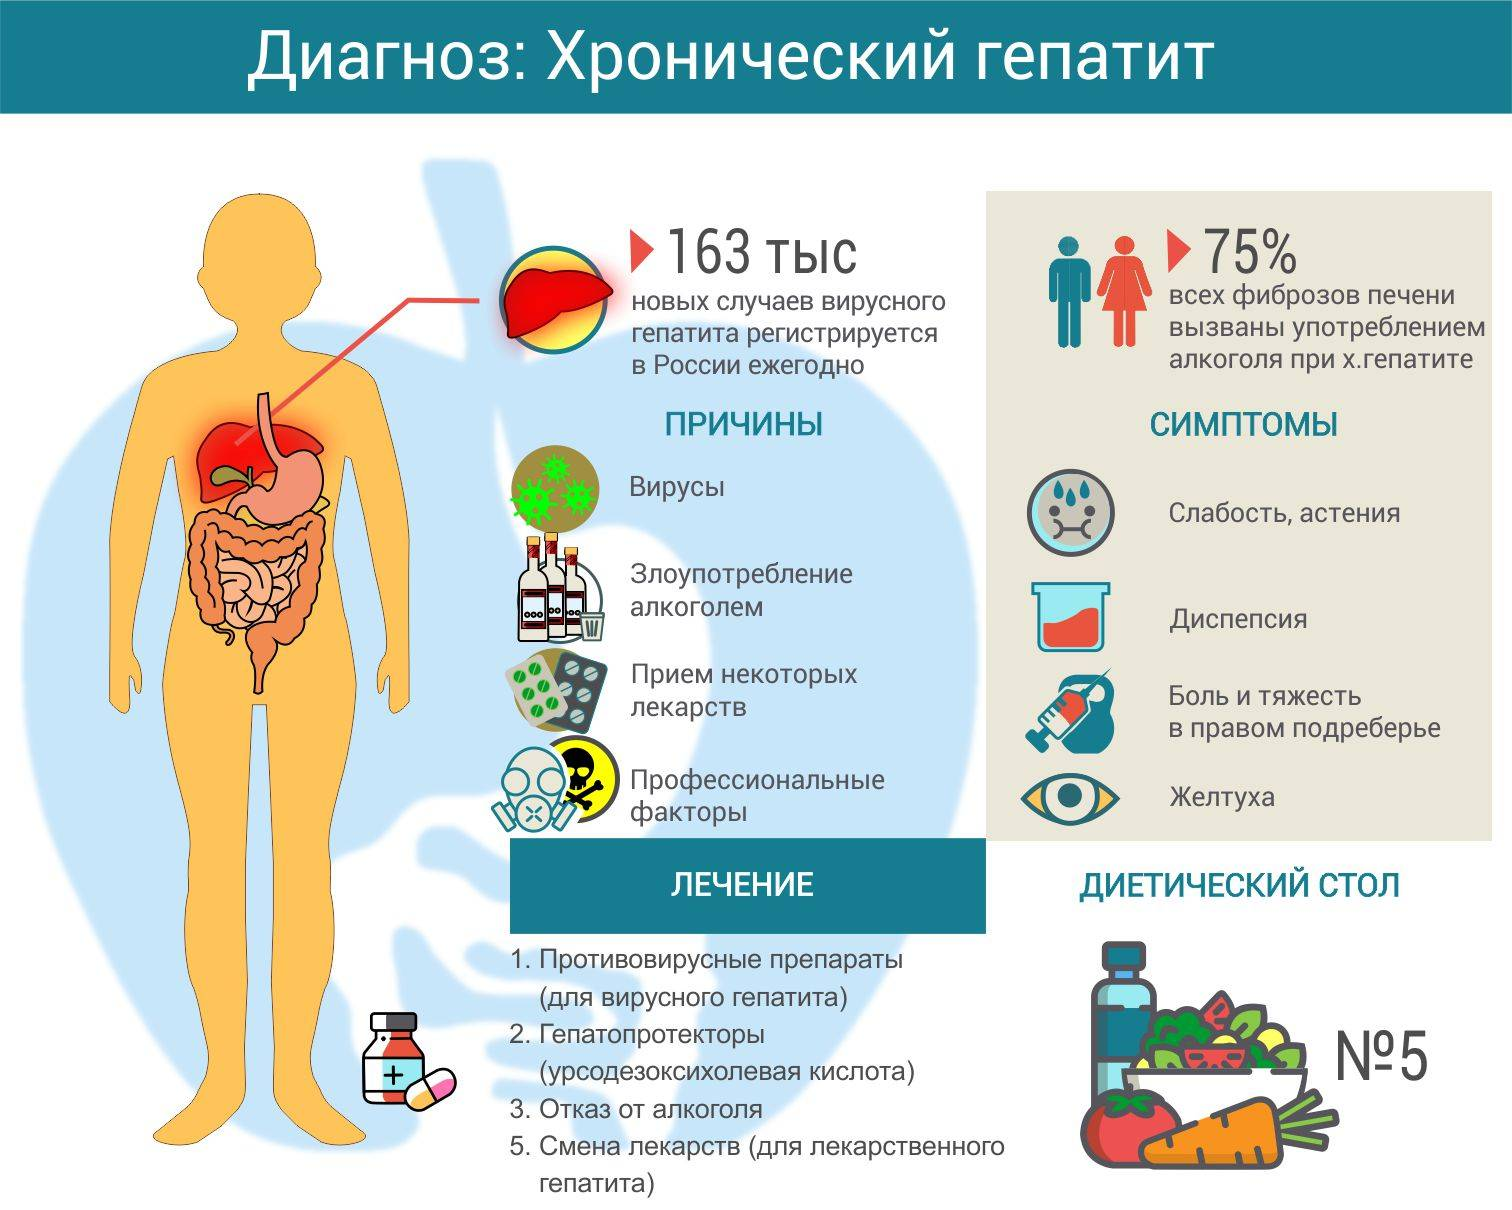 Хронический вирусный гепатит с: причины, пути передачи, симптомы и лечение